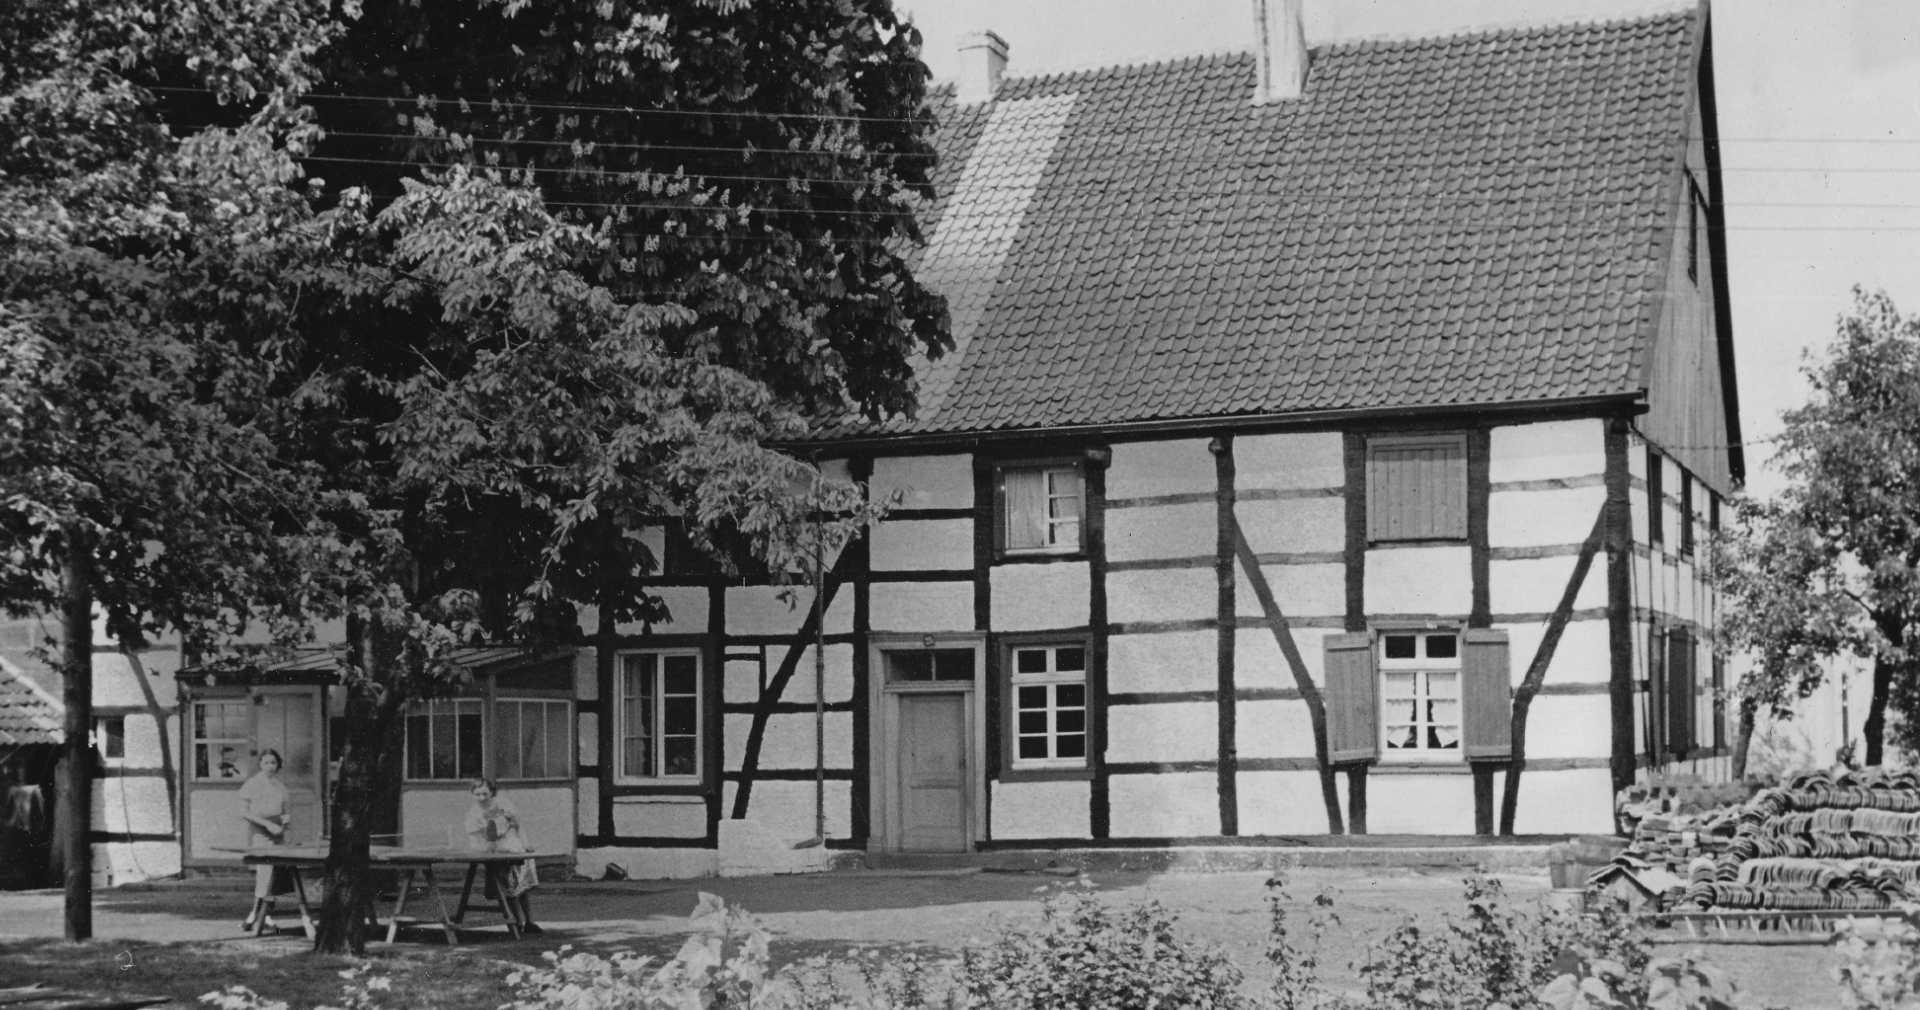 Gartenseite in den 50er Jahren